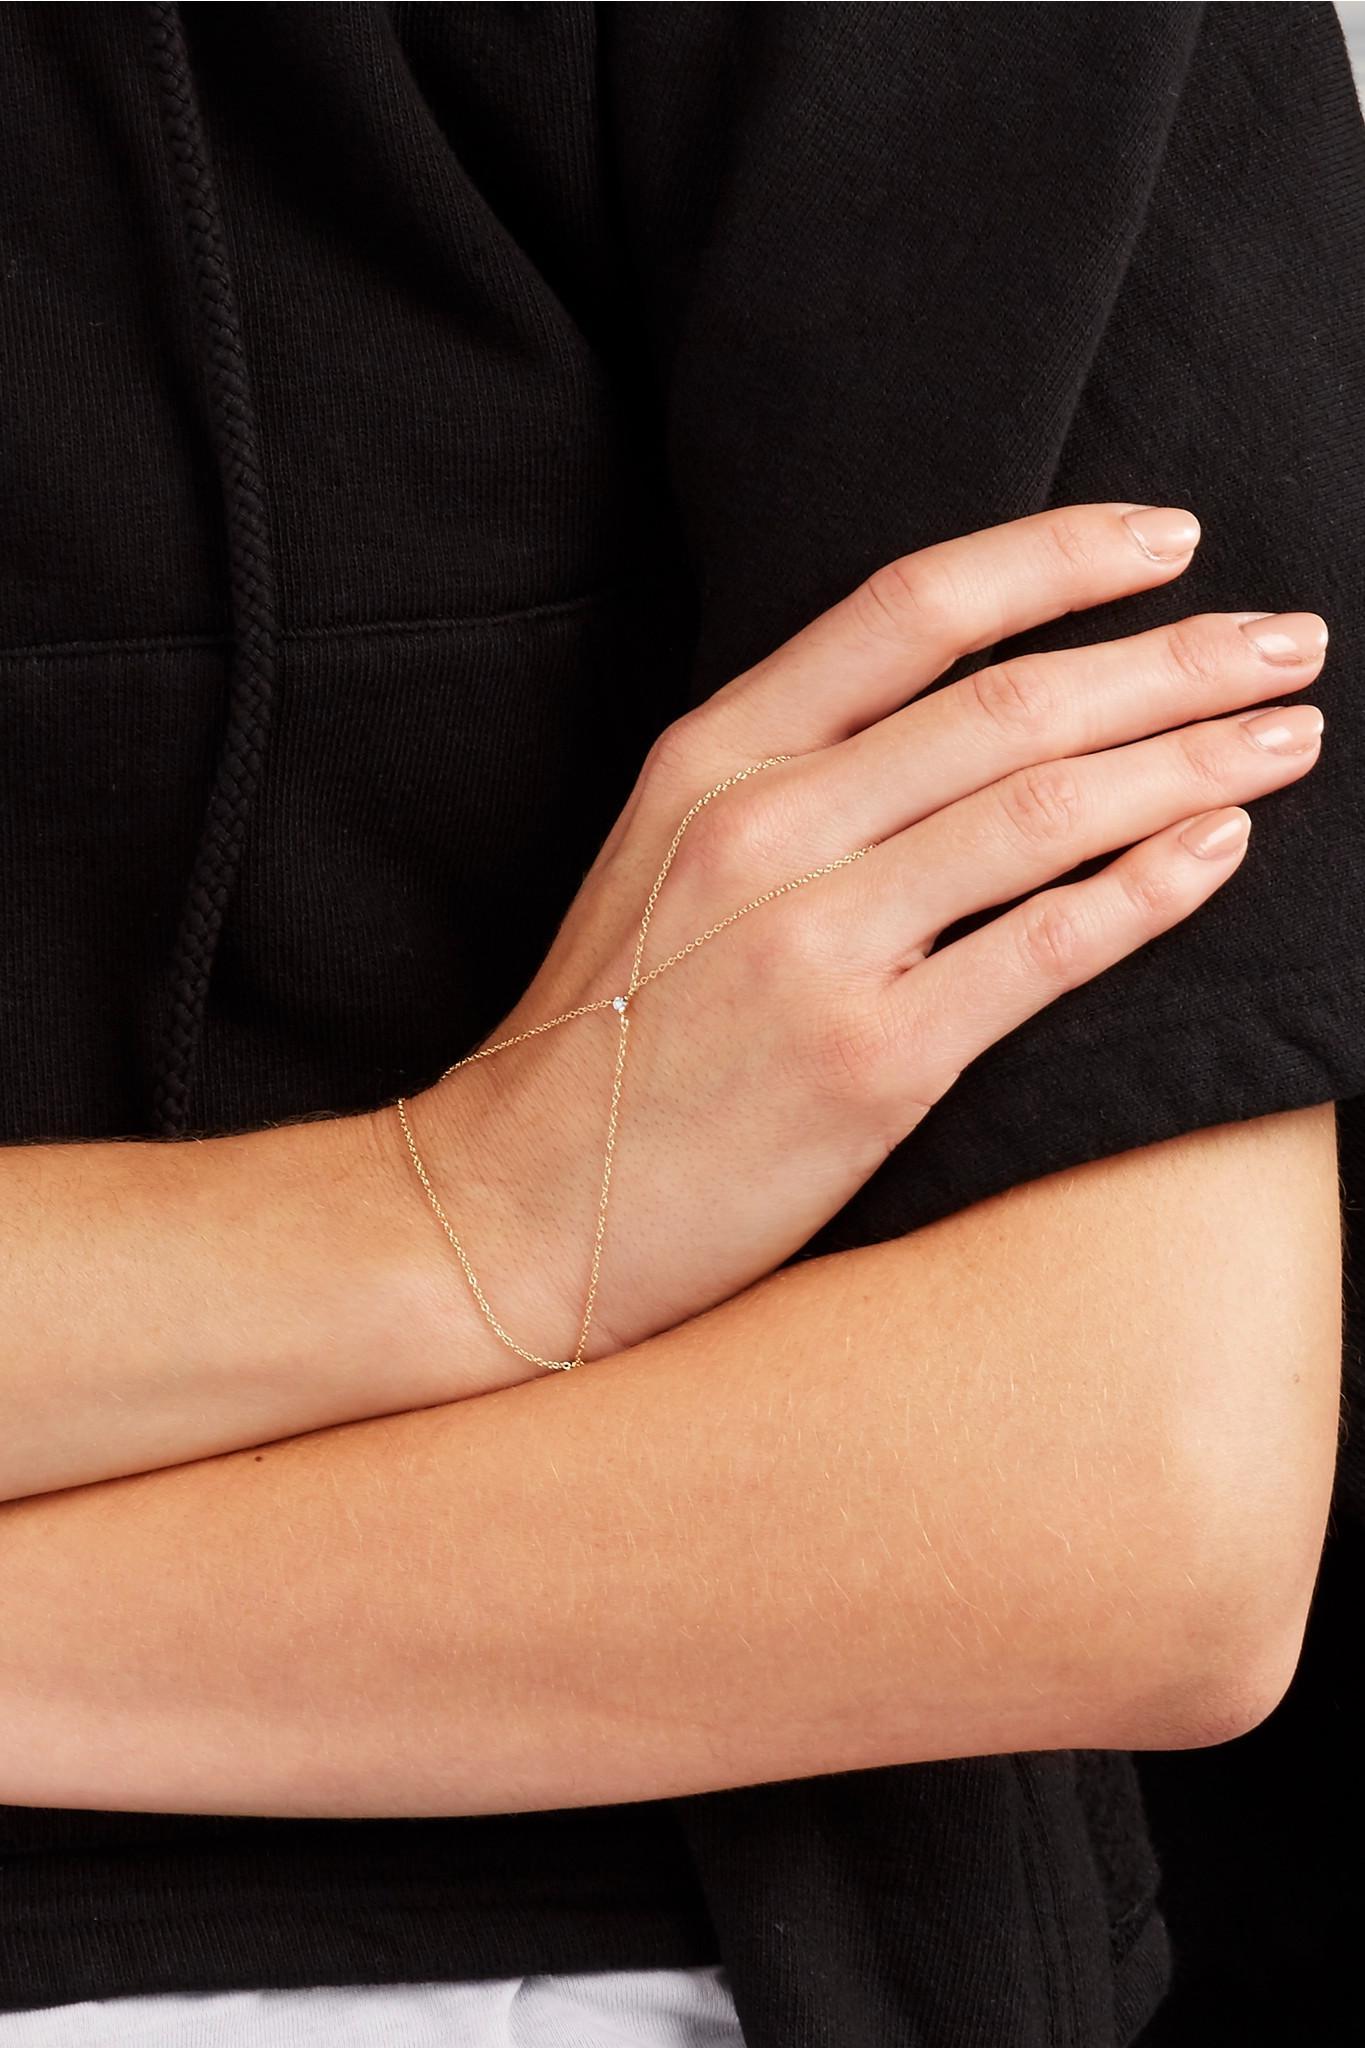 Catbird Kitten Mitten 14-karat Gold Diamond Bracelet tyeTxury